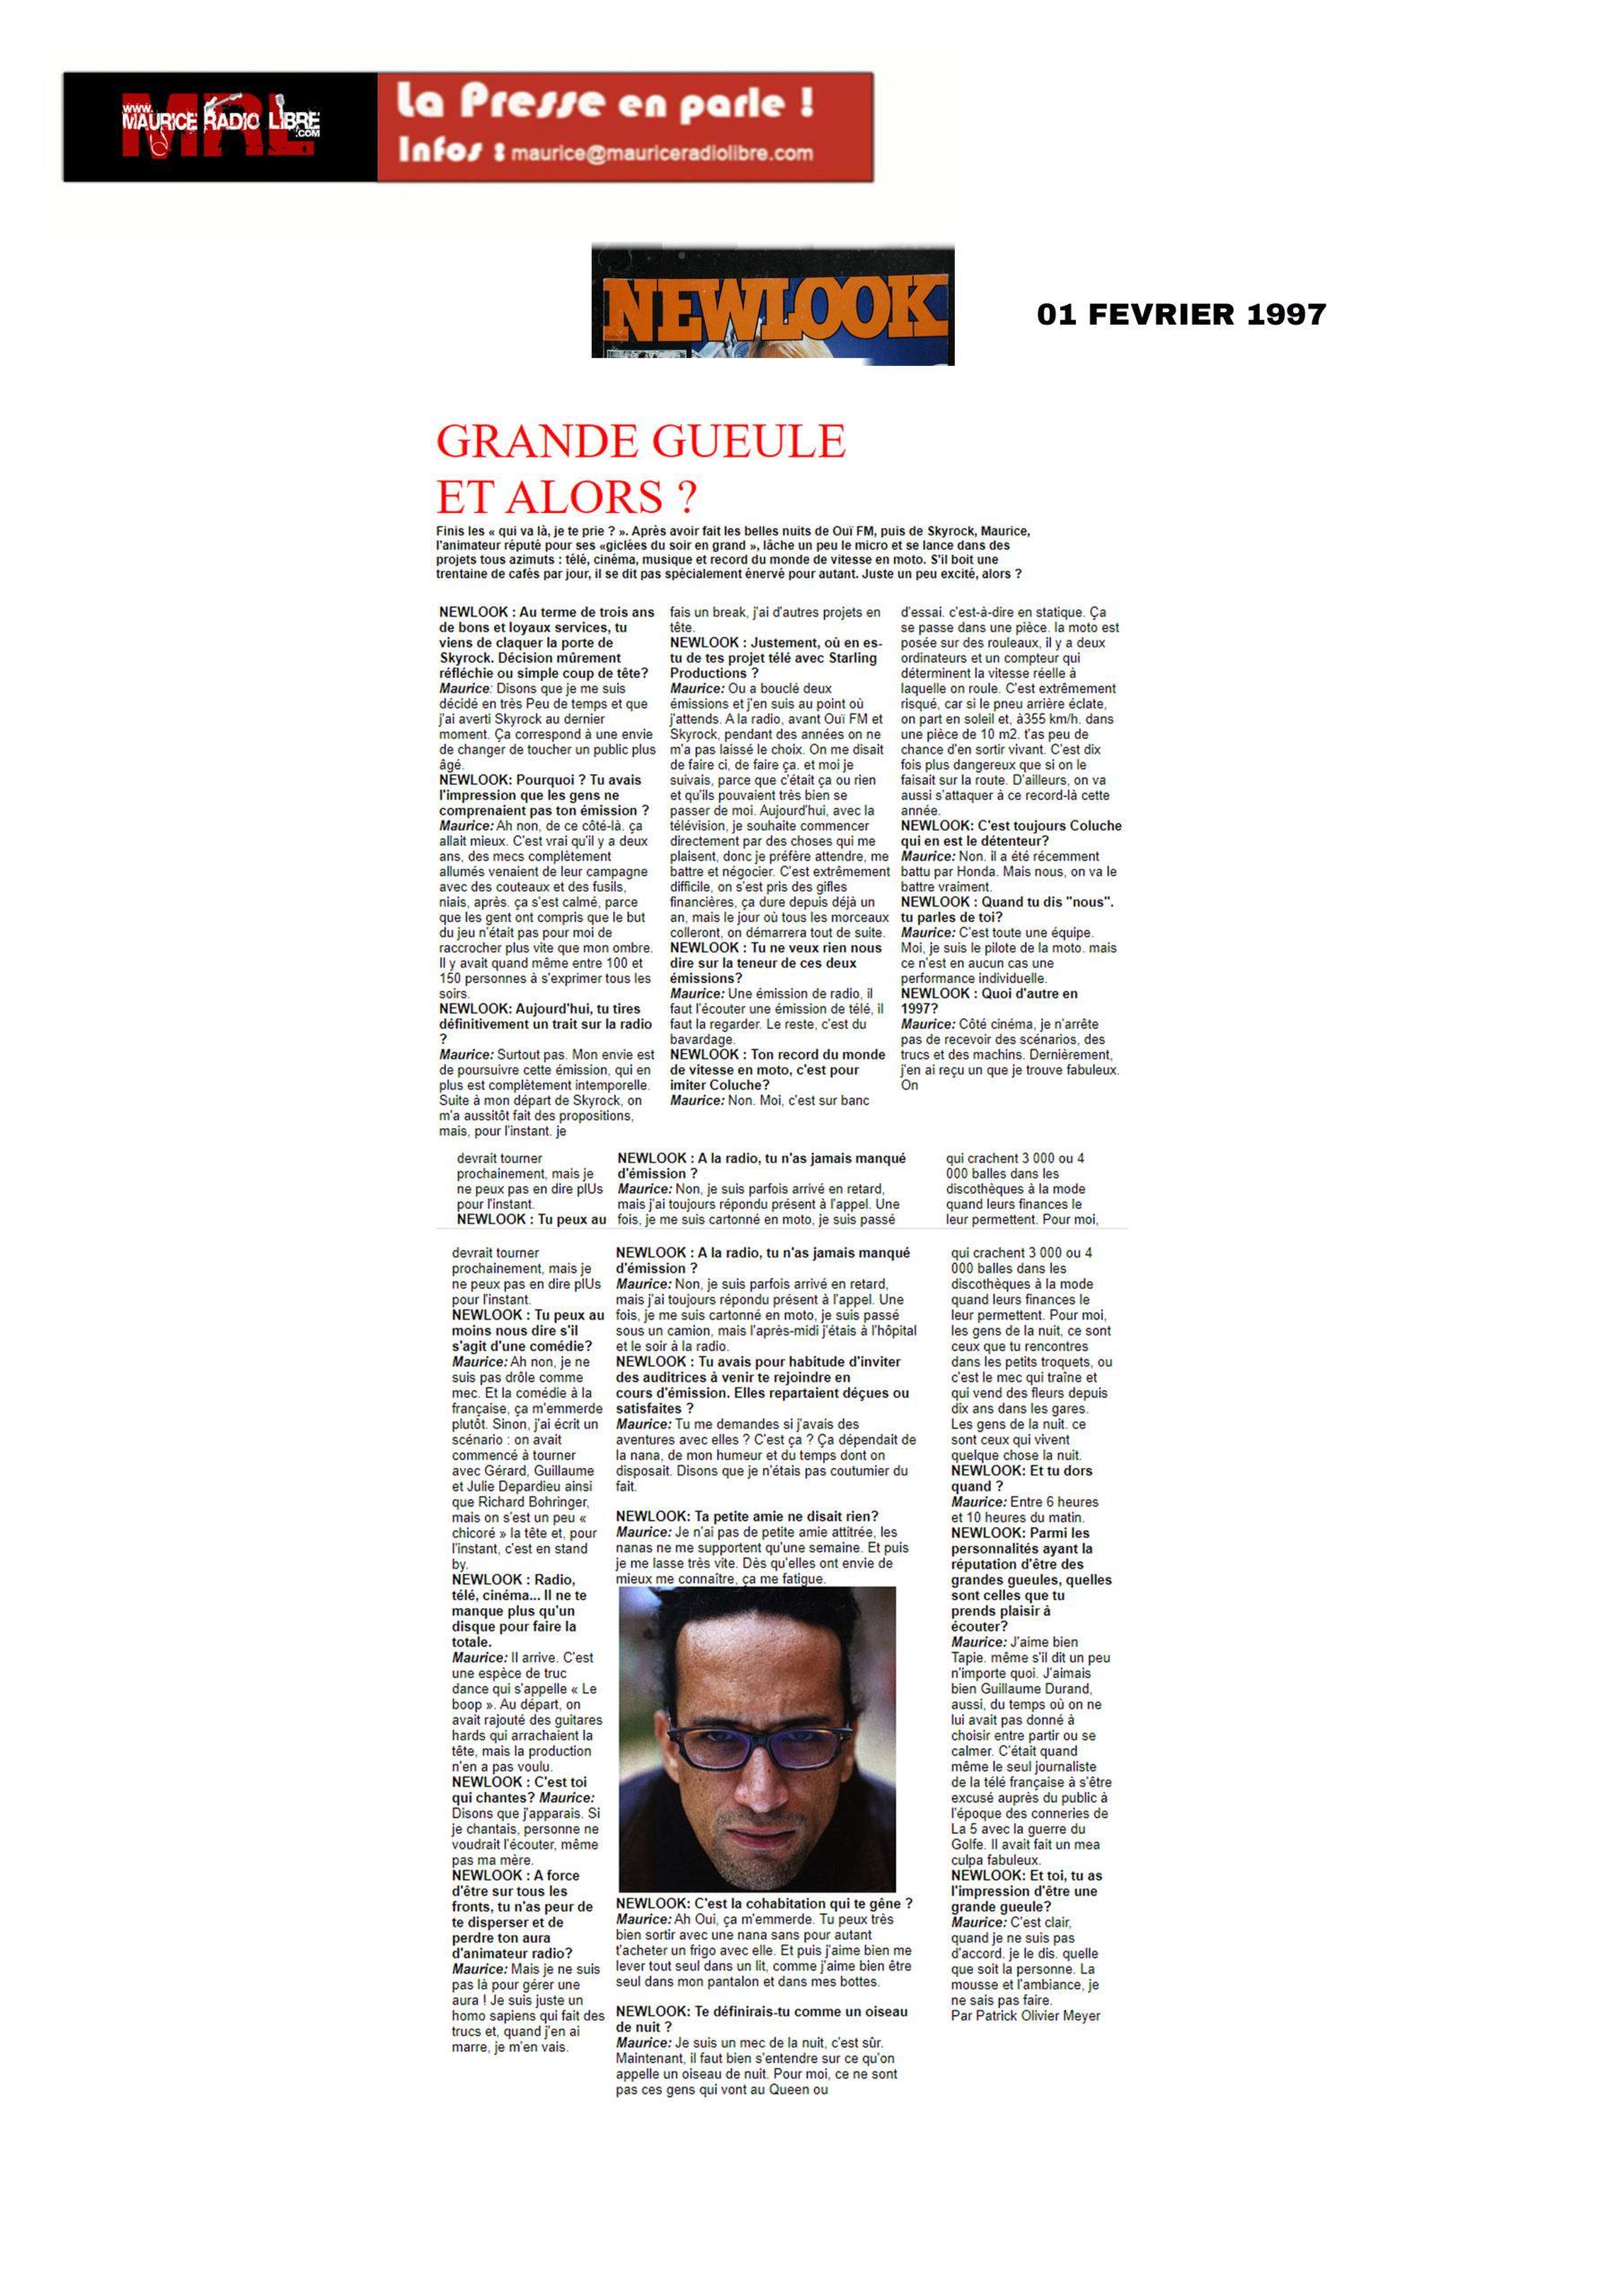 vignette Newlook GRANDE GUEULE ET ALORS ? - 01/02/1997